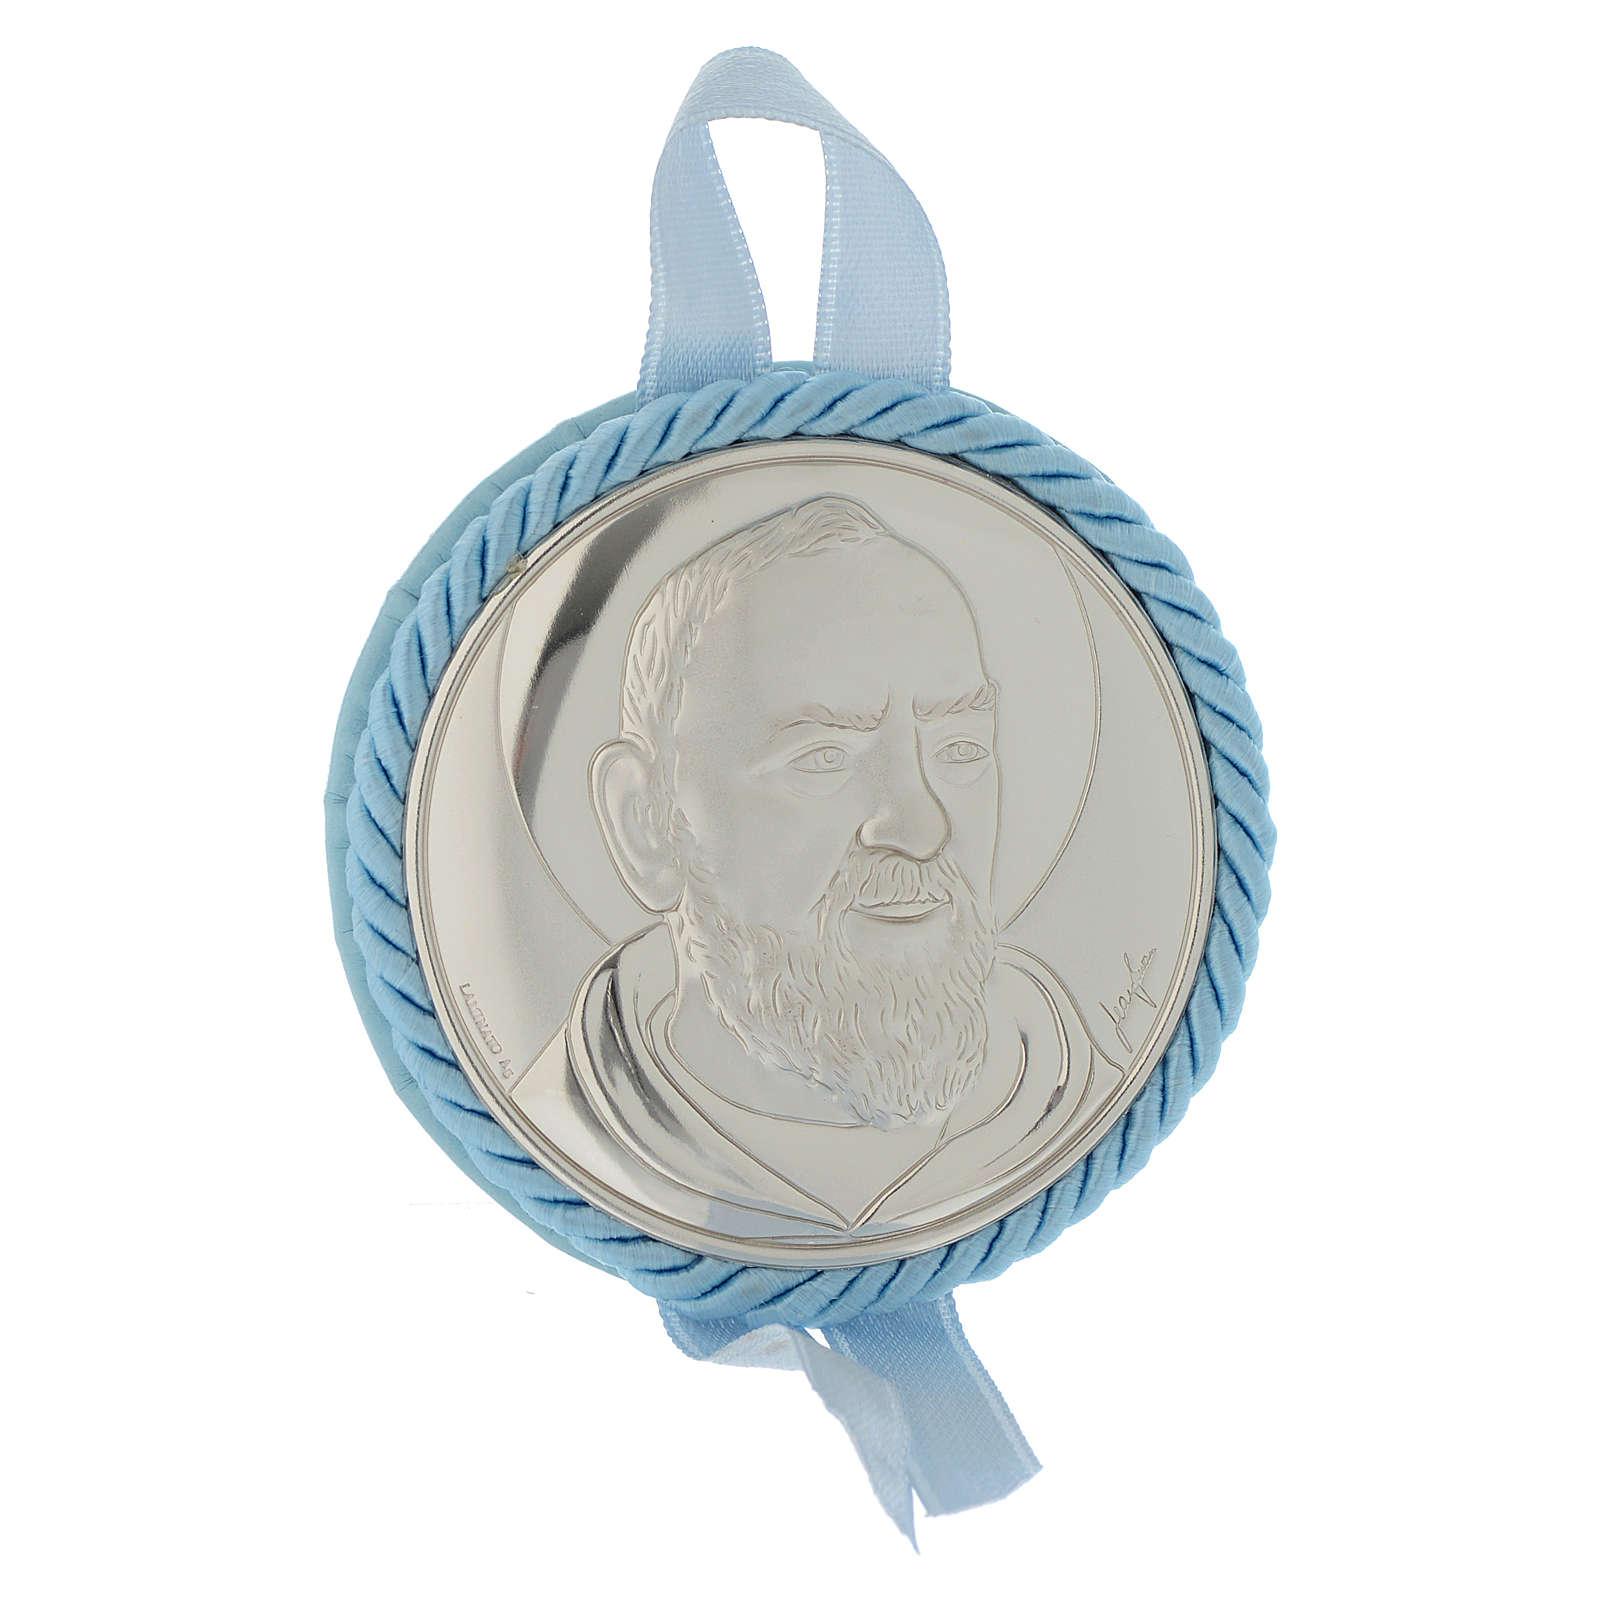 Capoculla Padre Pio con Carillon Azzurro 4